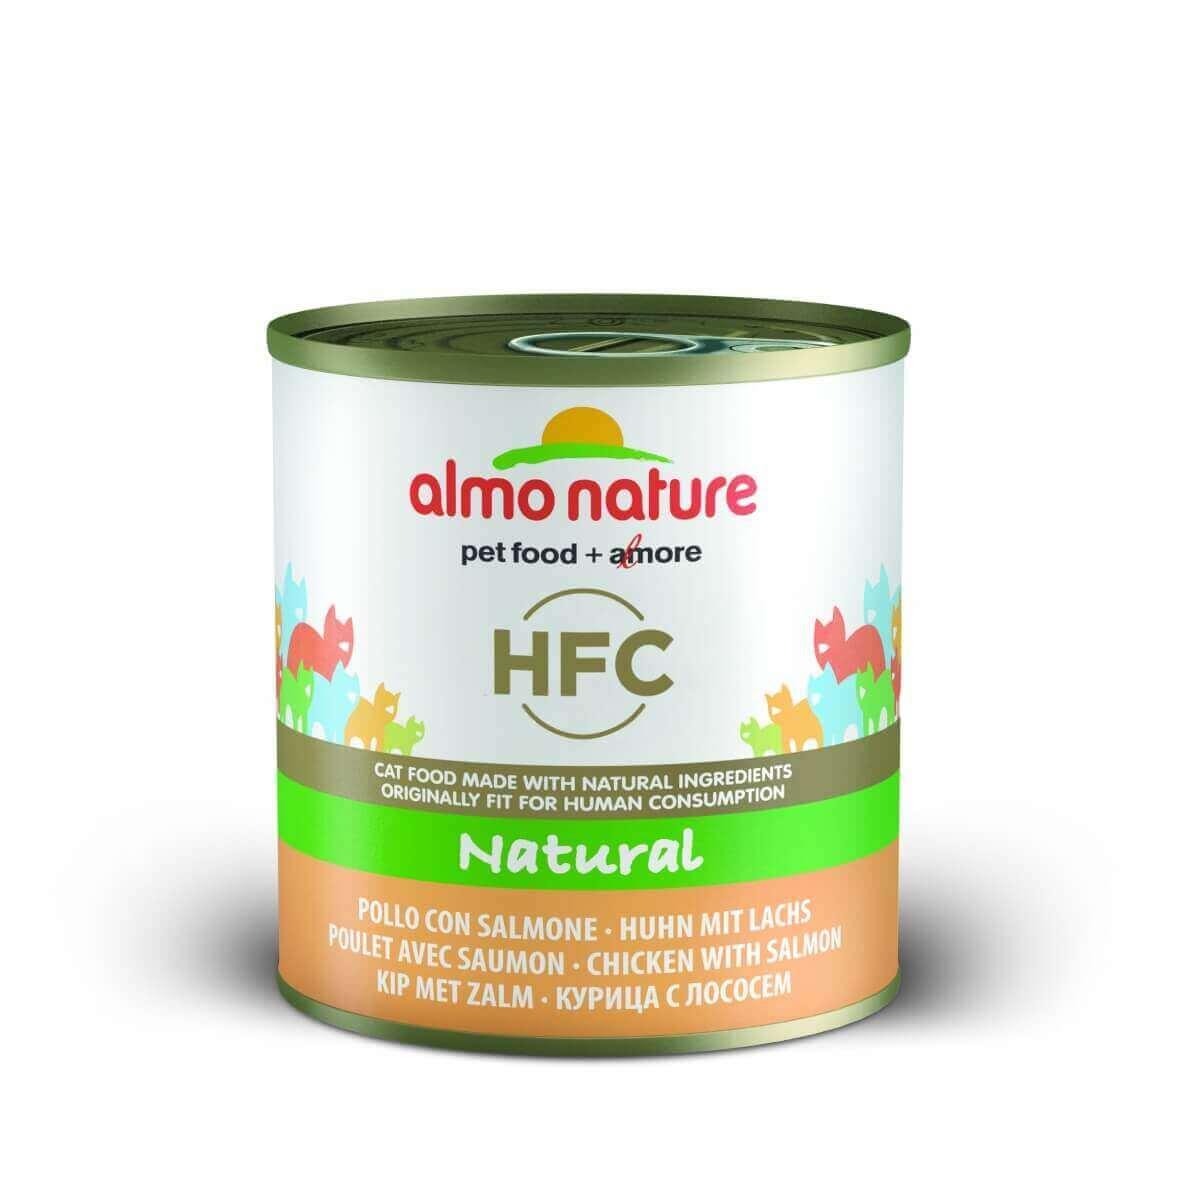 Pâtée Almo Nature HFC Natural pour chat 280g_4